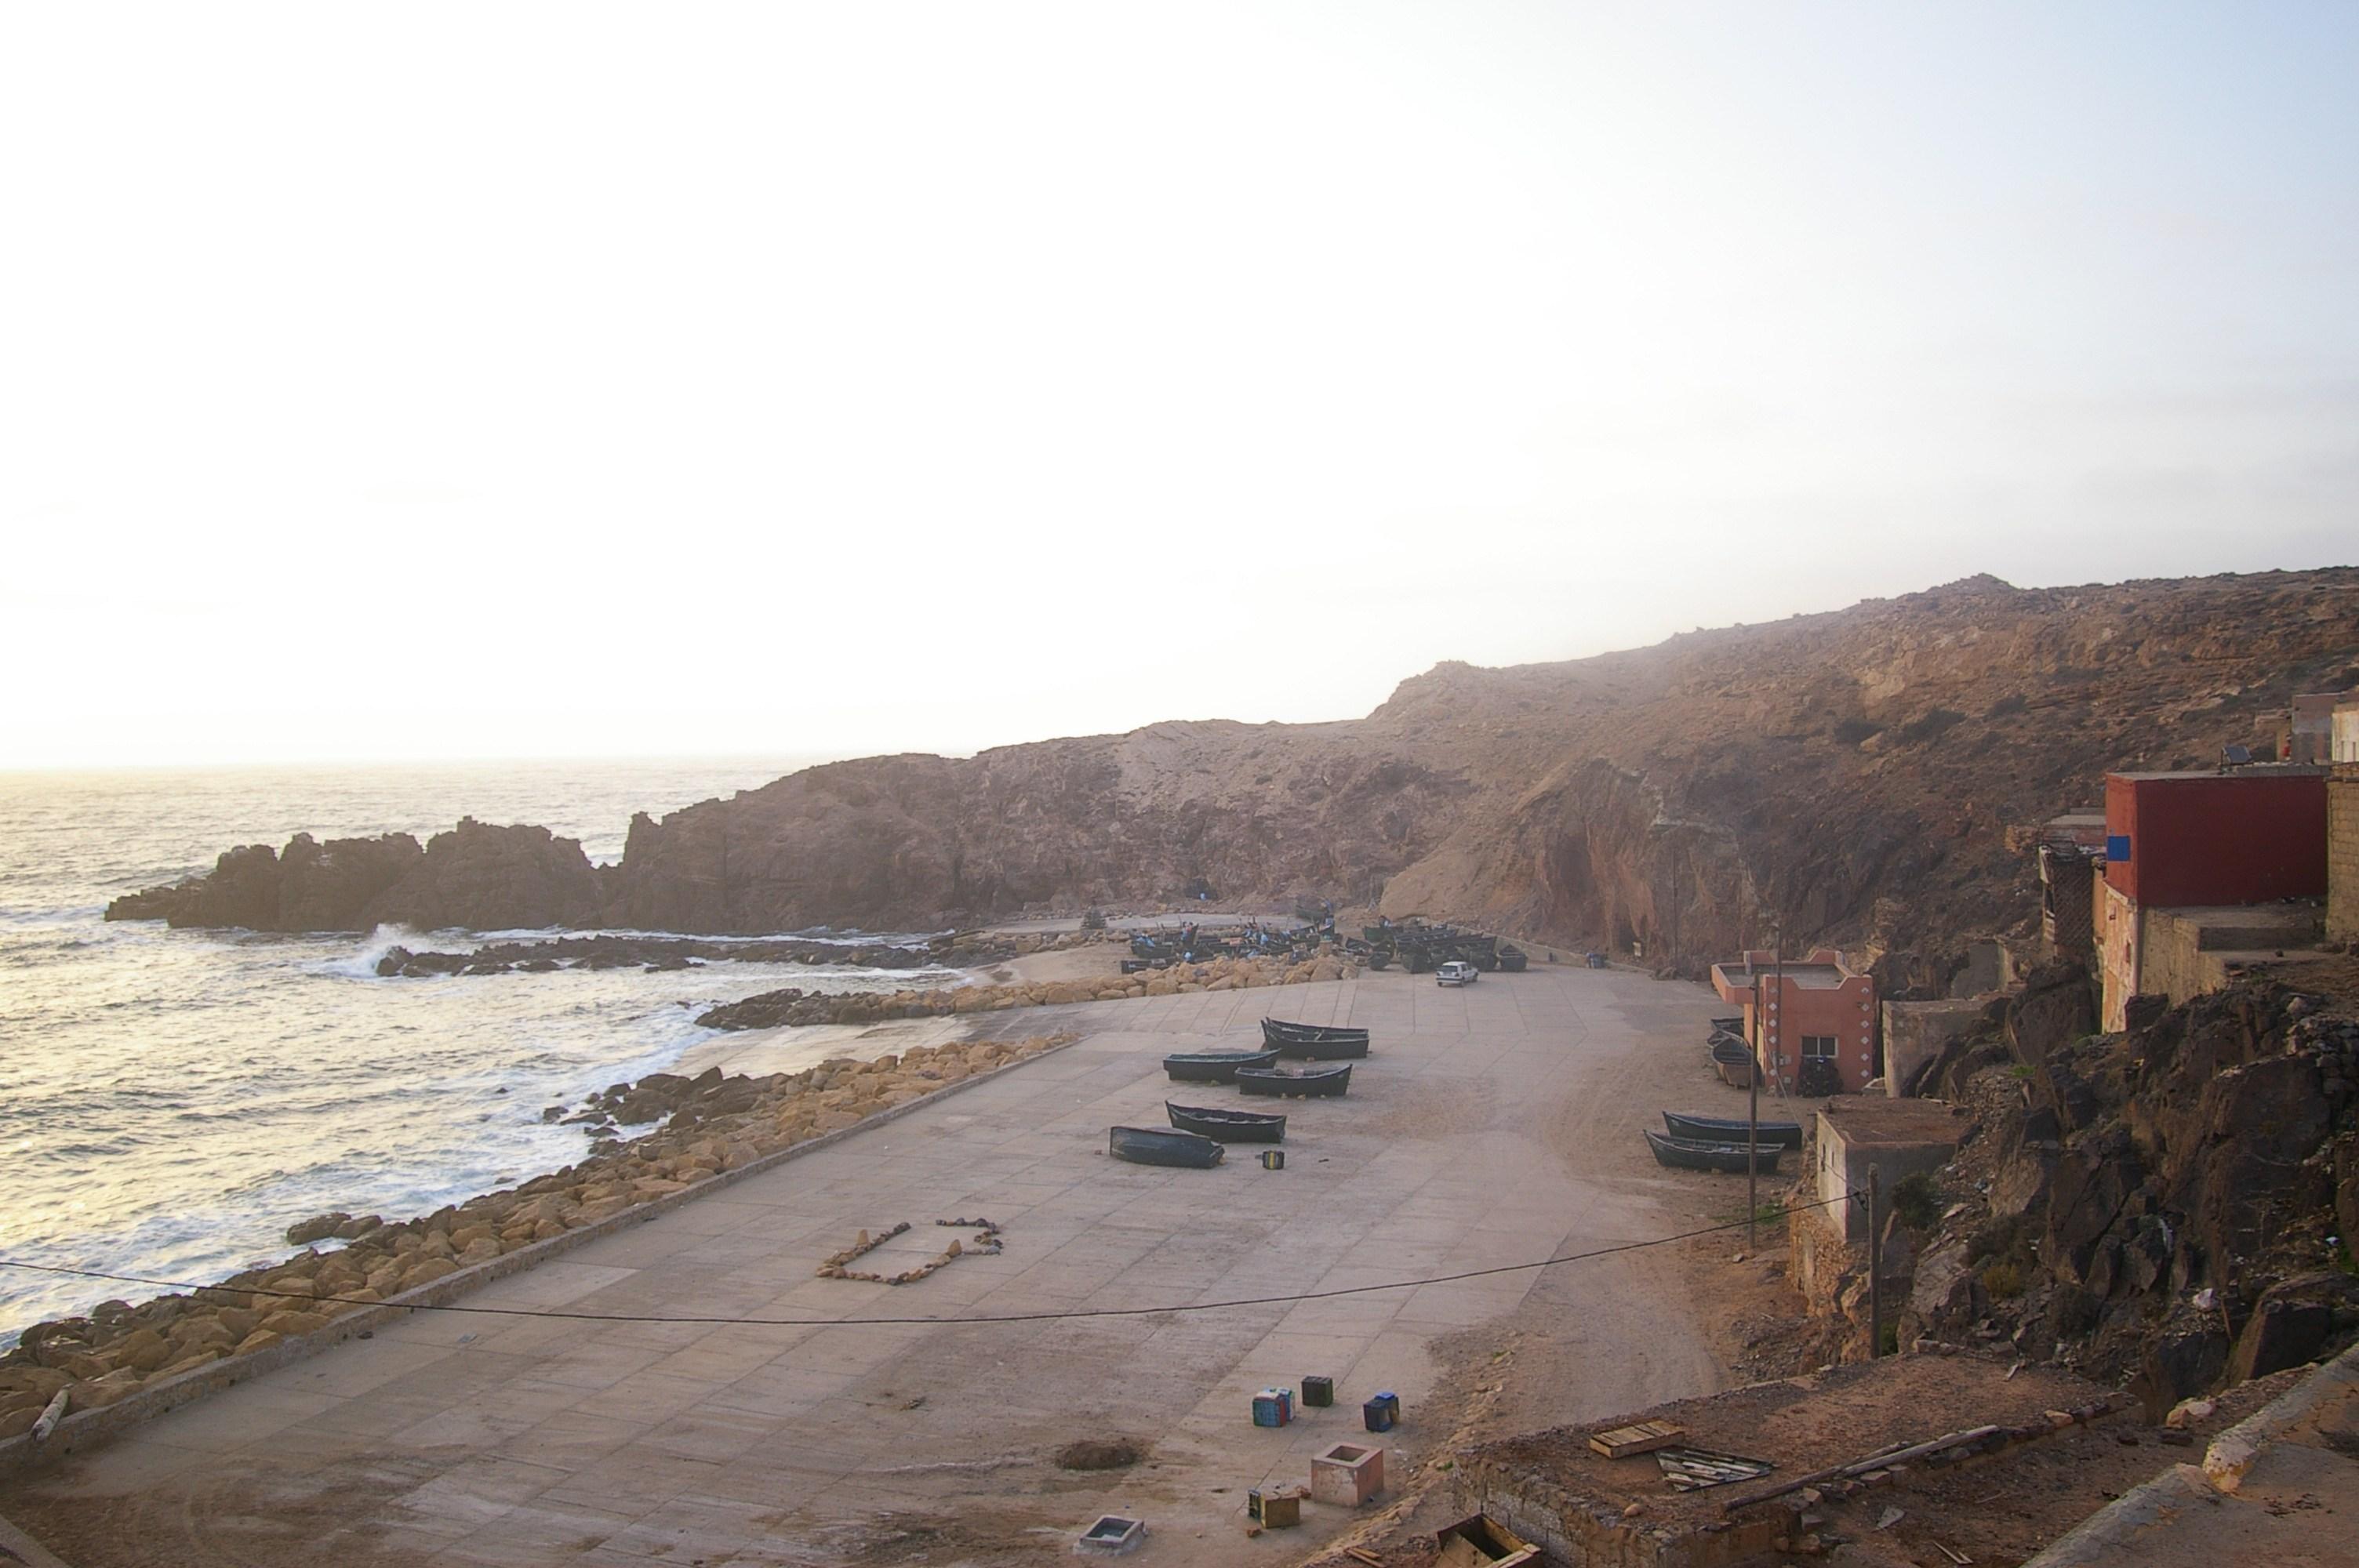 """وزارةالفلاحة و الصيد تمنع جمع وتسويق الصدفيات بمنطقة """"سيدي بولفضايل"""" بتزنيت"""